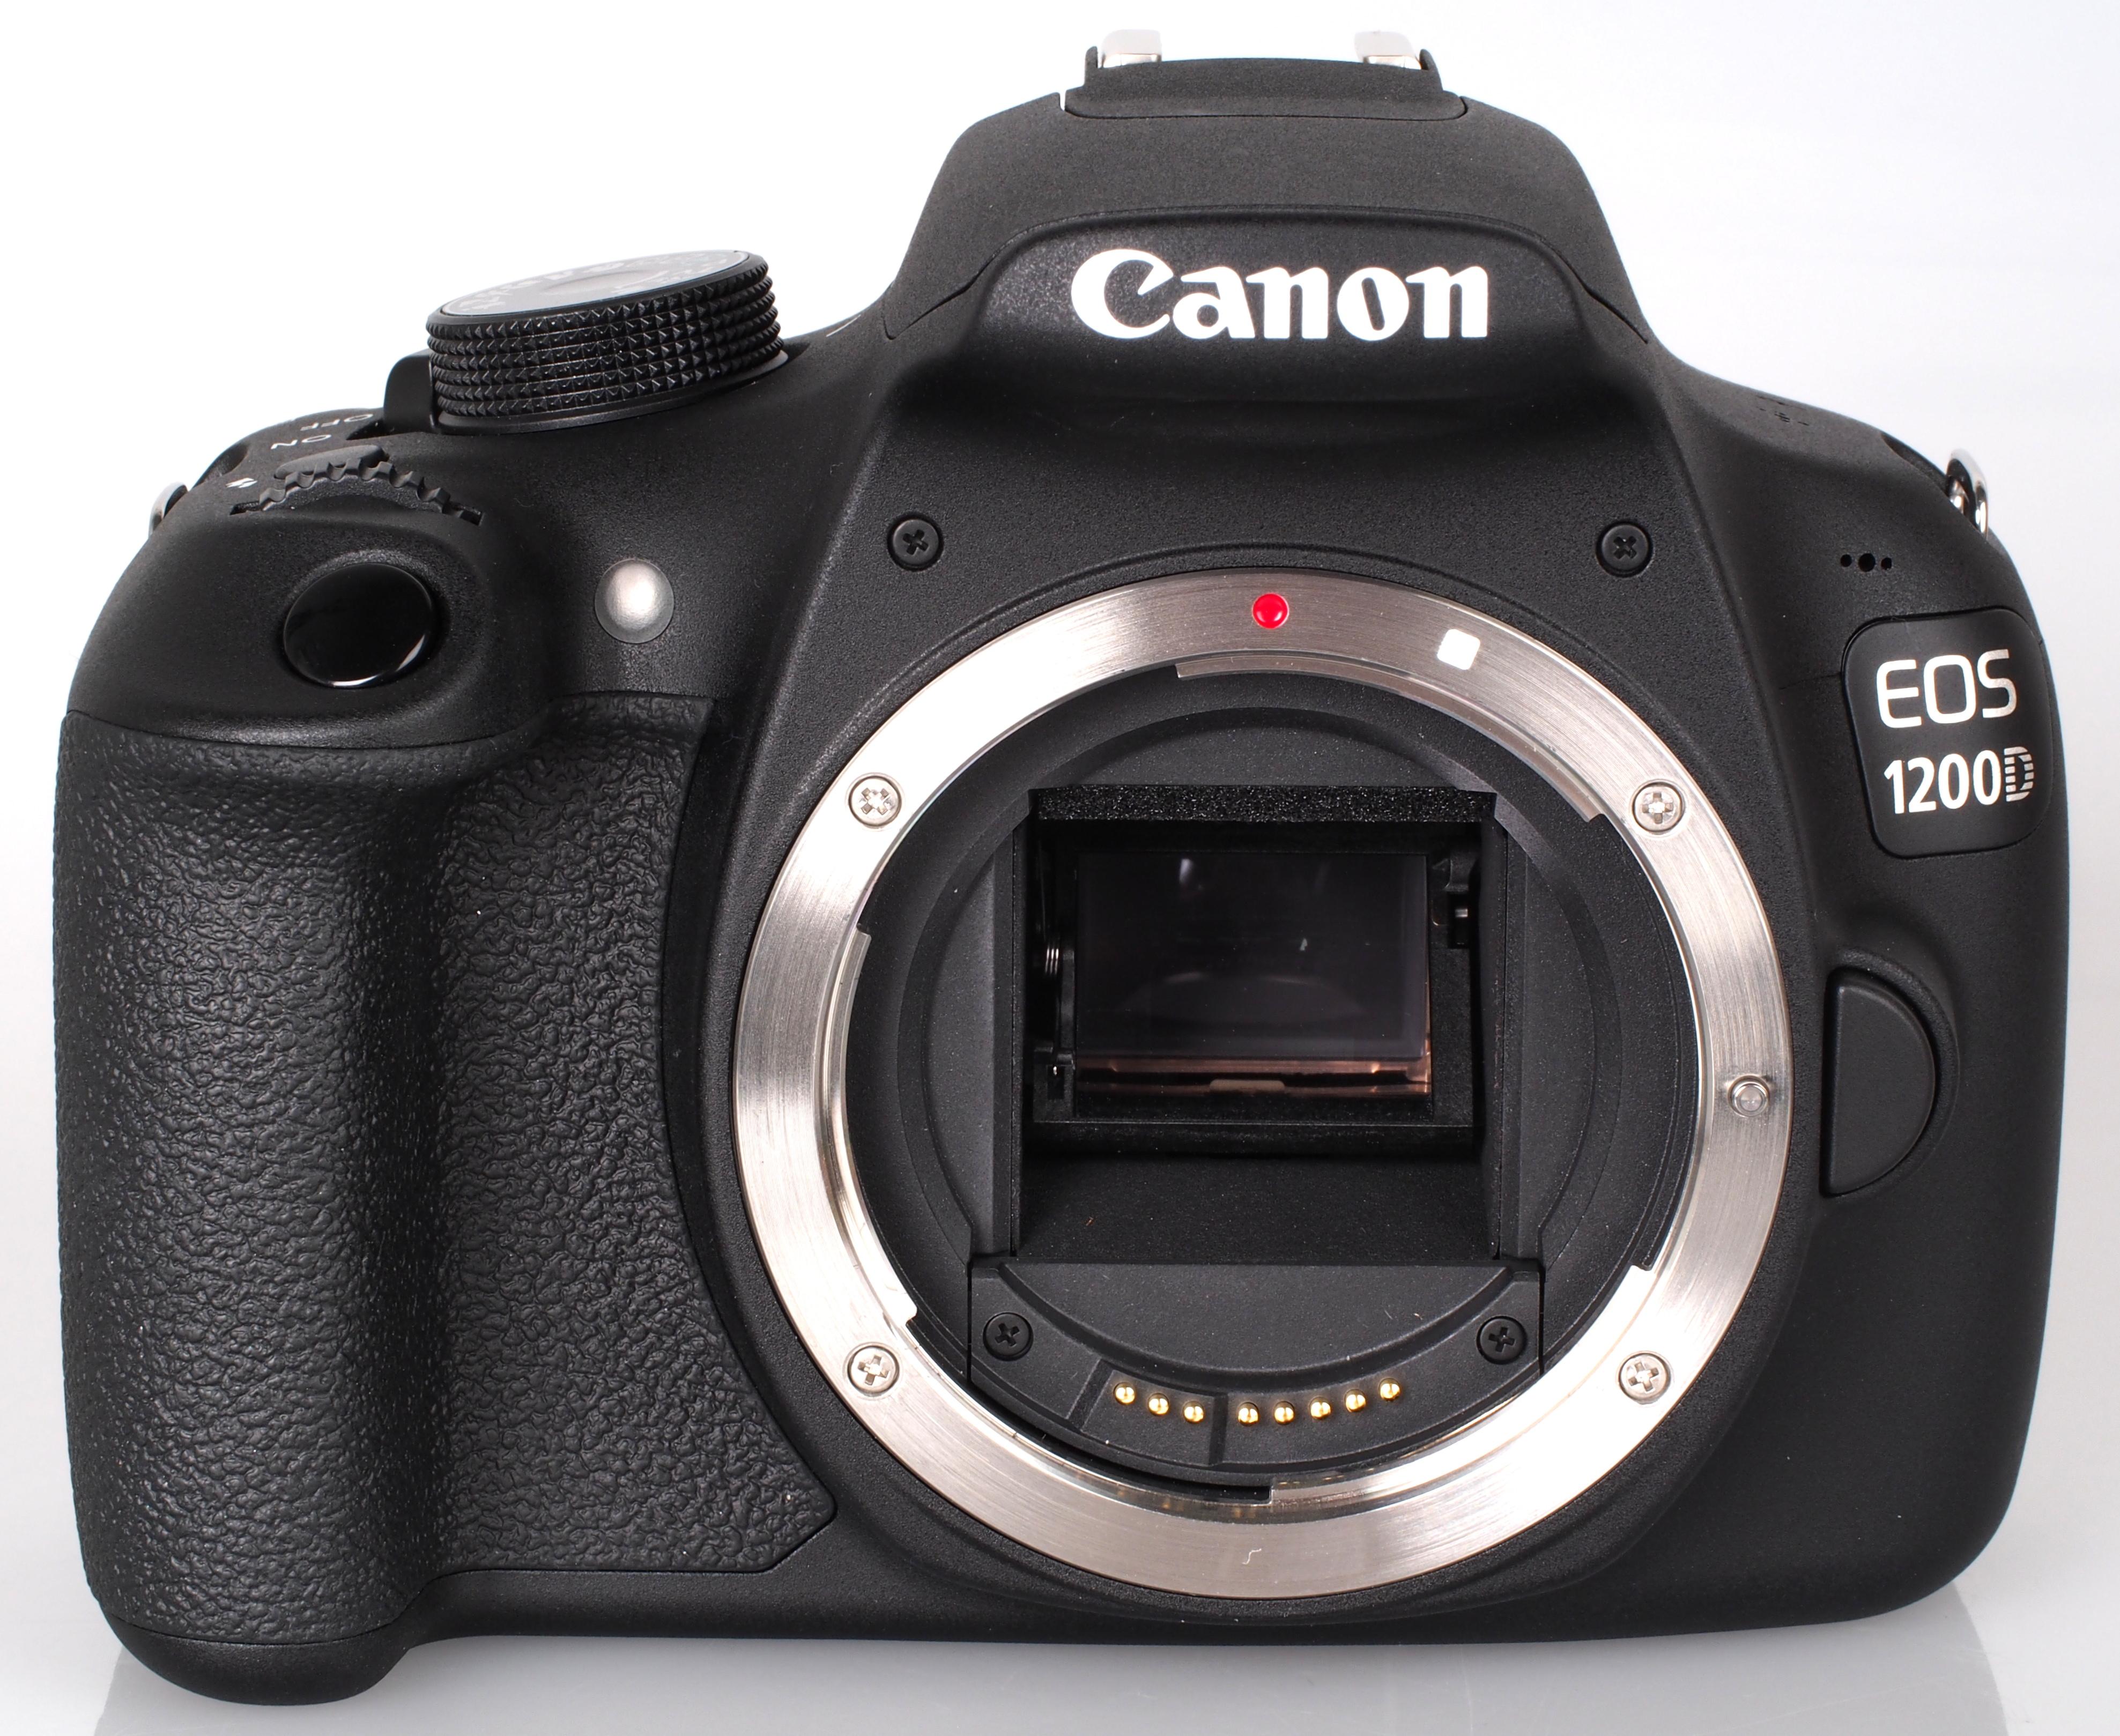 Canon Eos 1200d Digital Slr Full Review Ephotozine